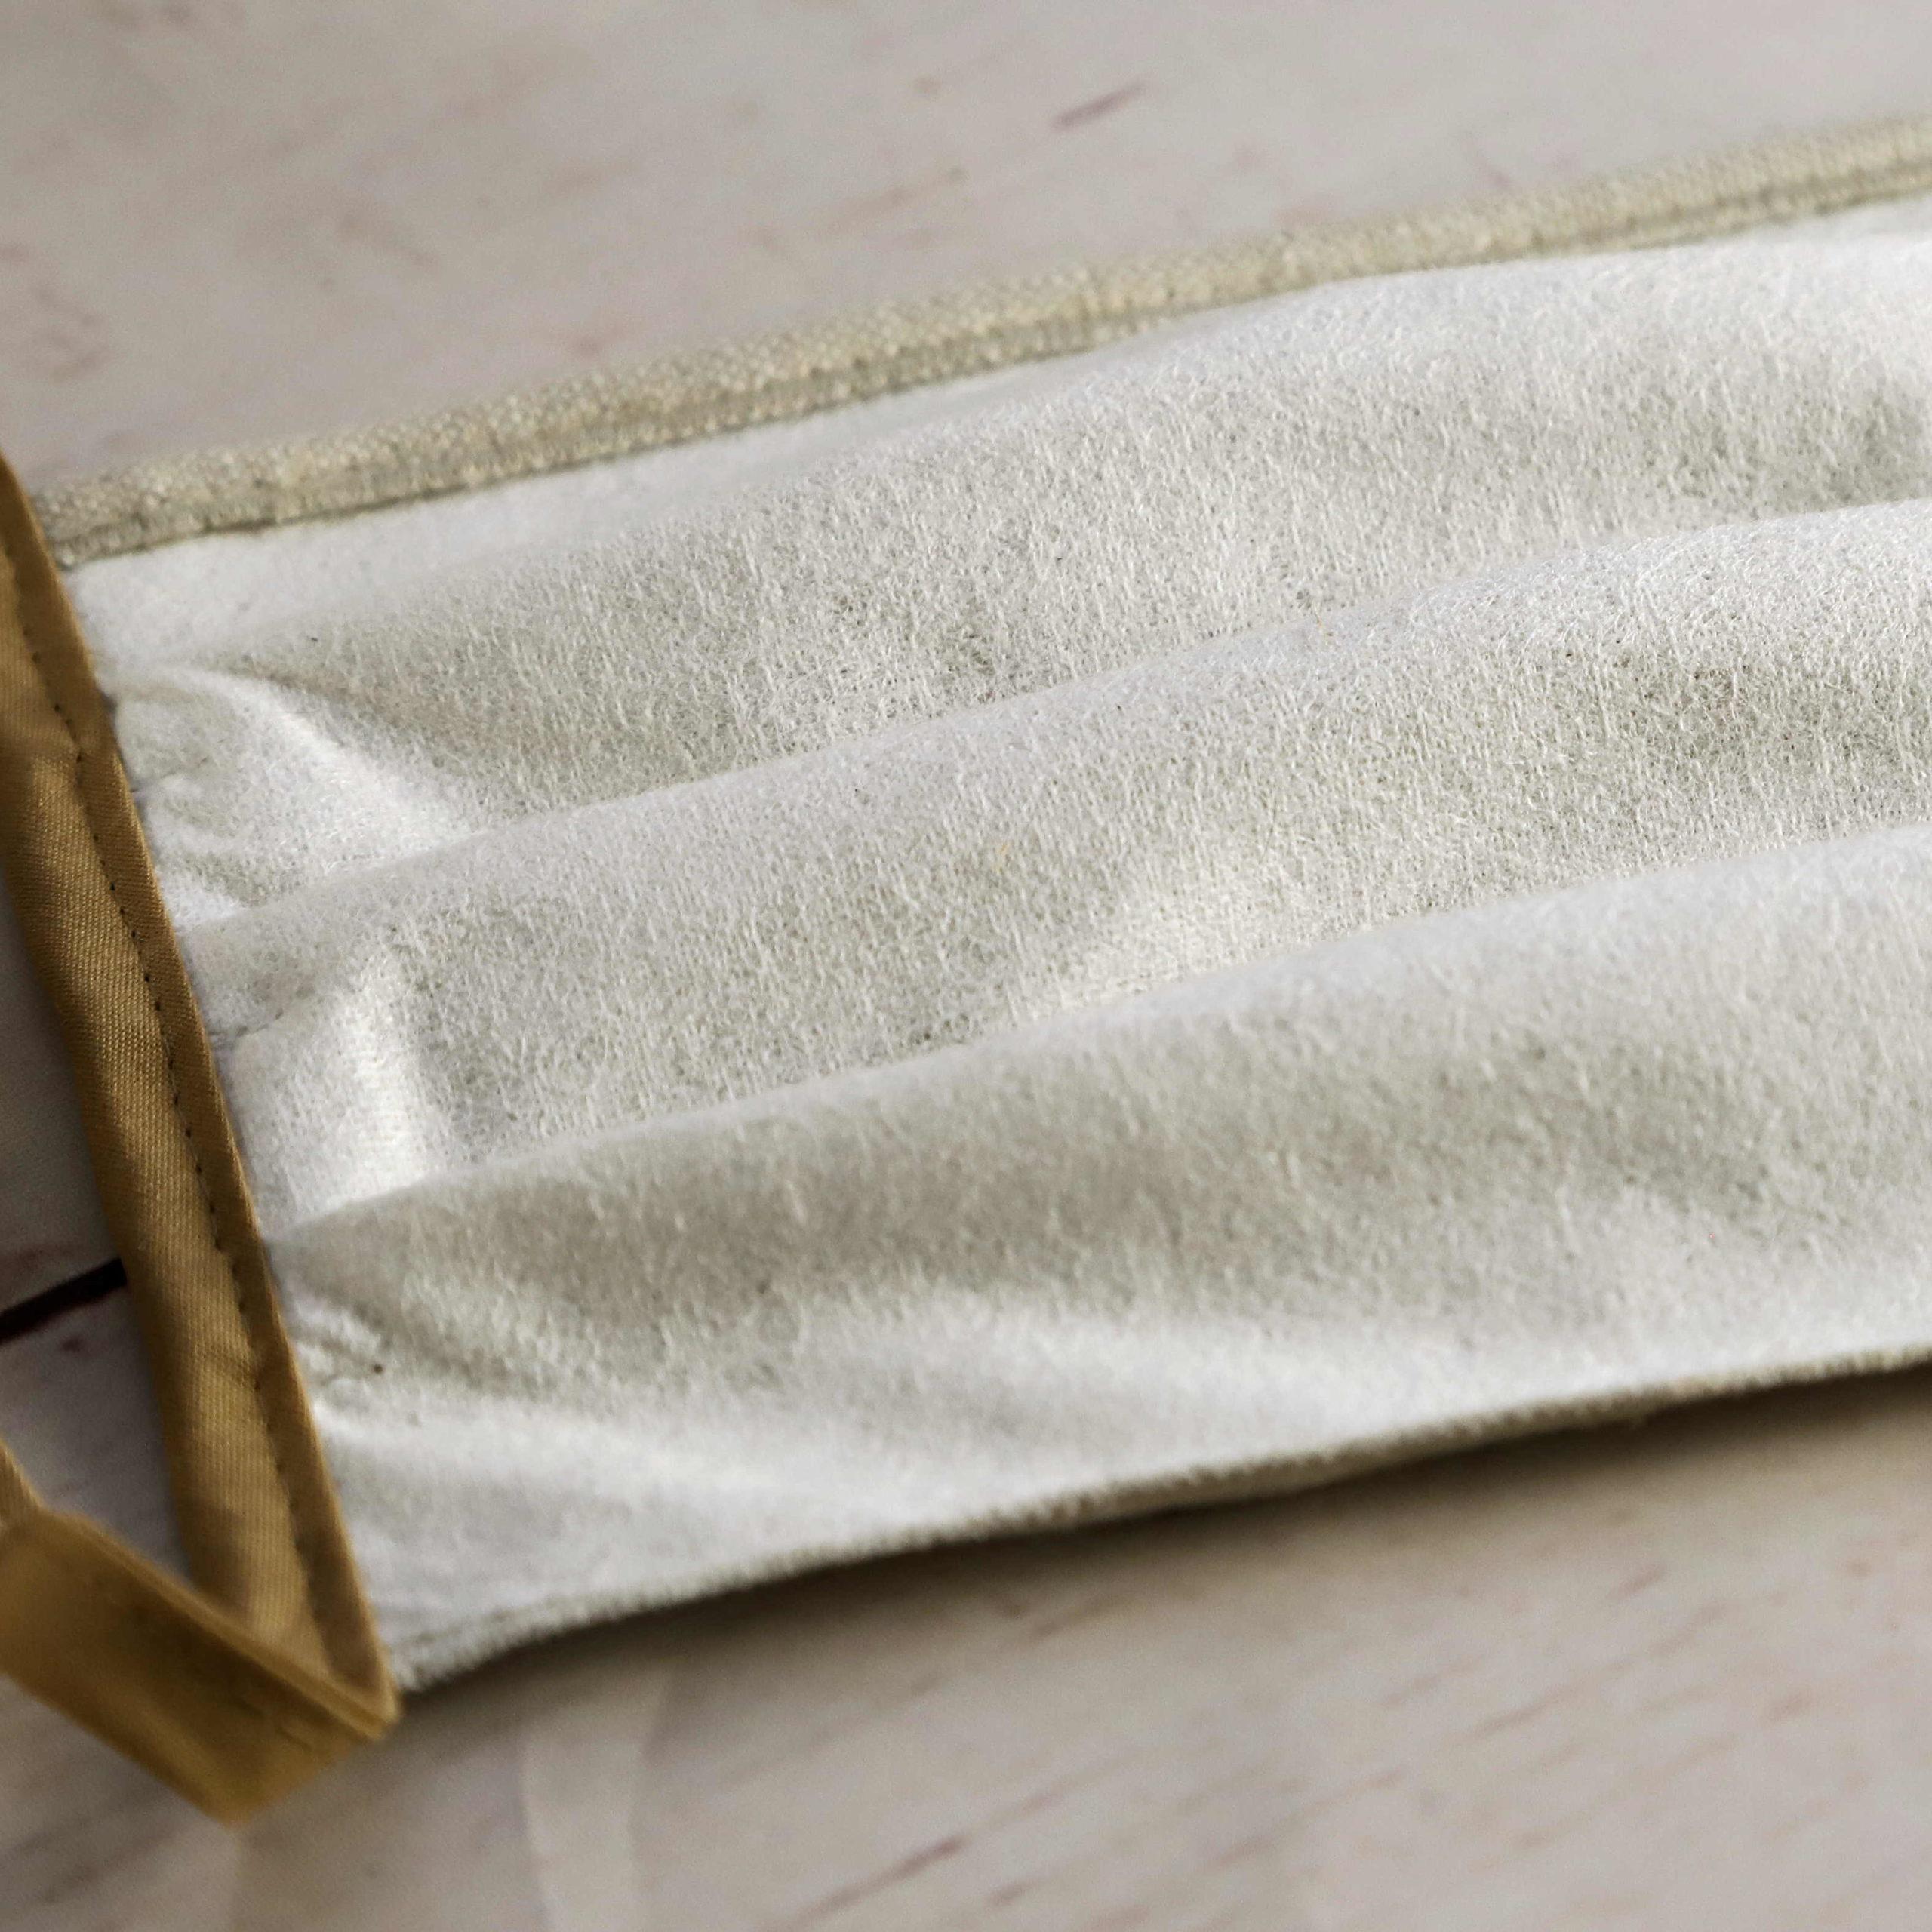 Alltagsmasken aus Leinen mit Vlies-Futter